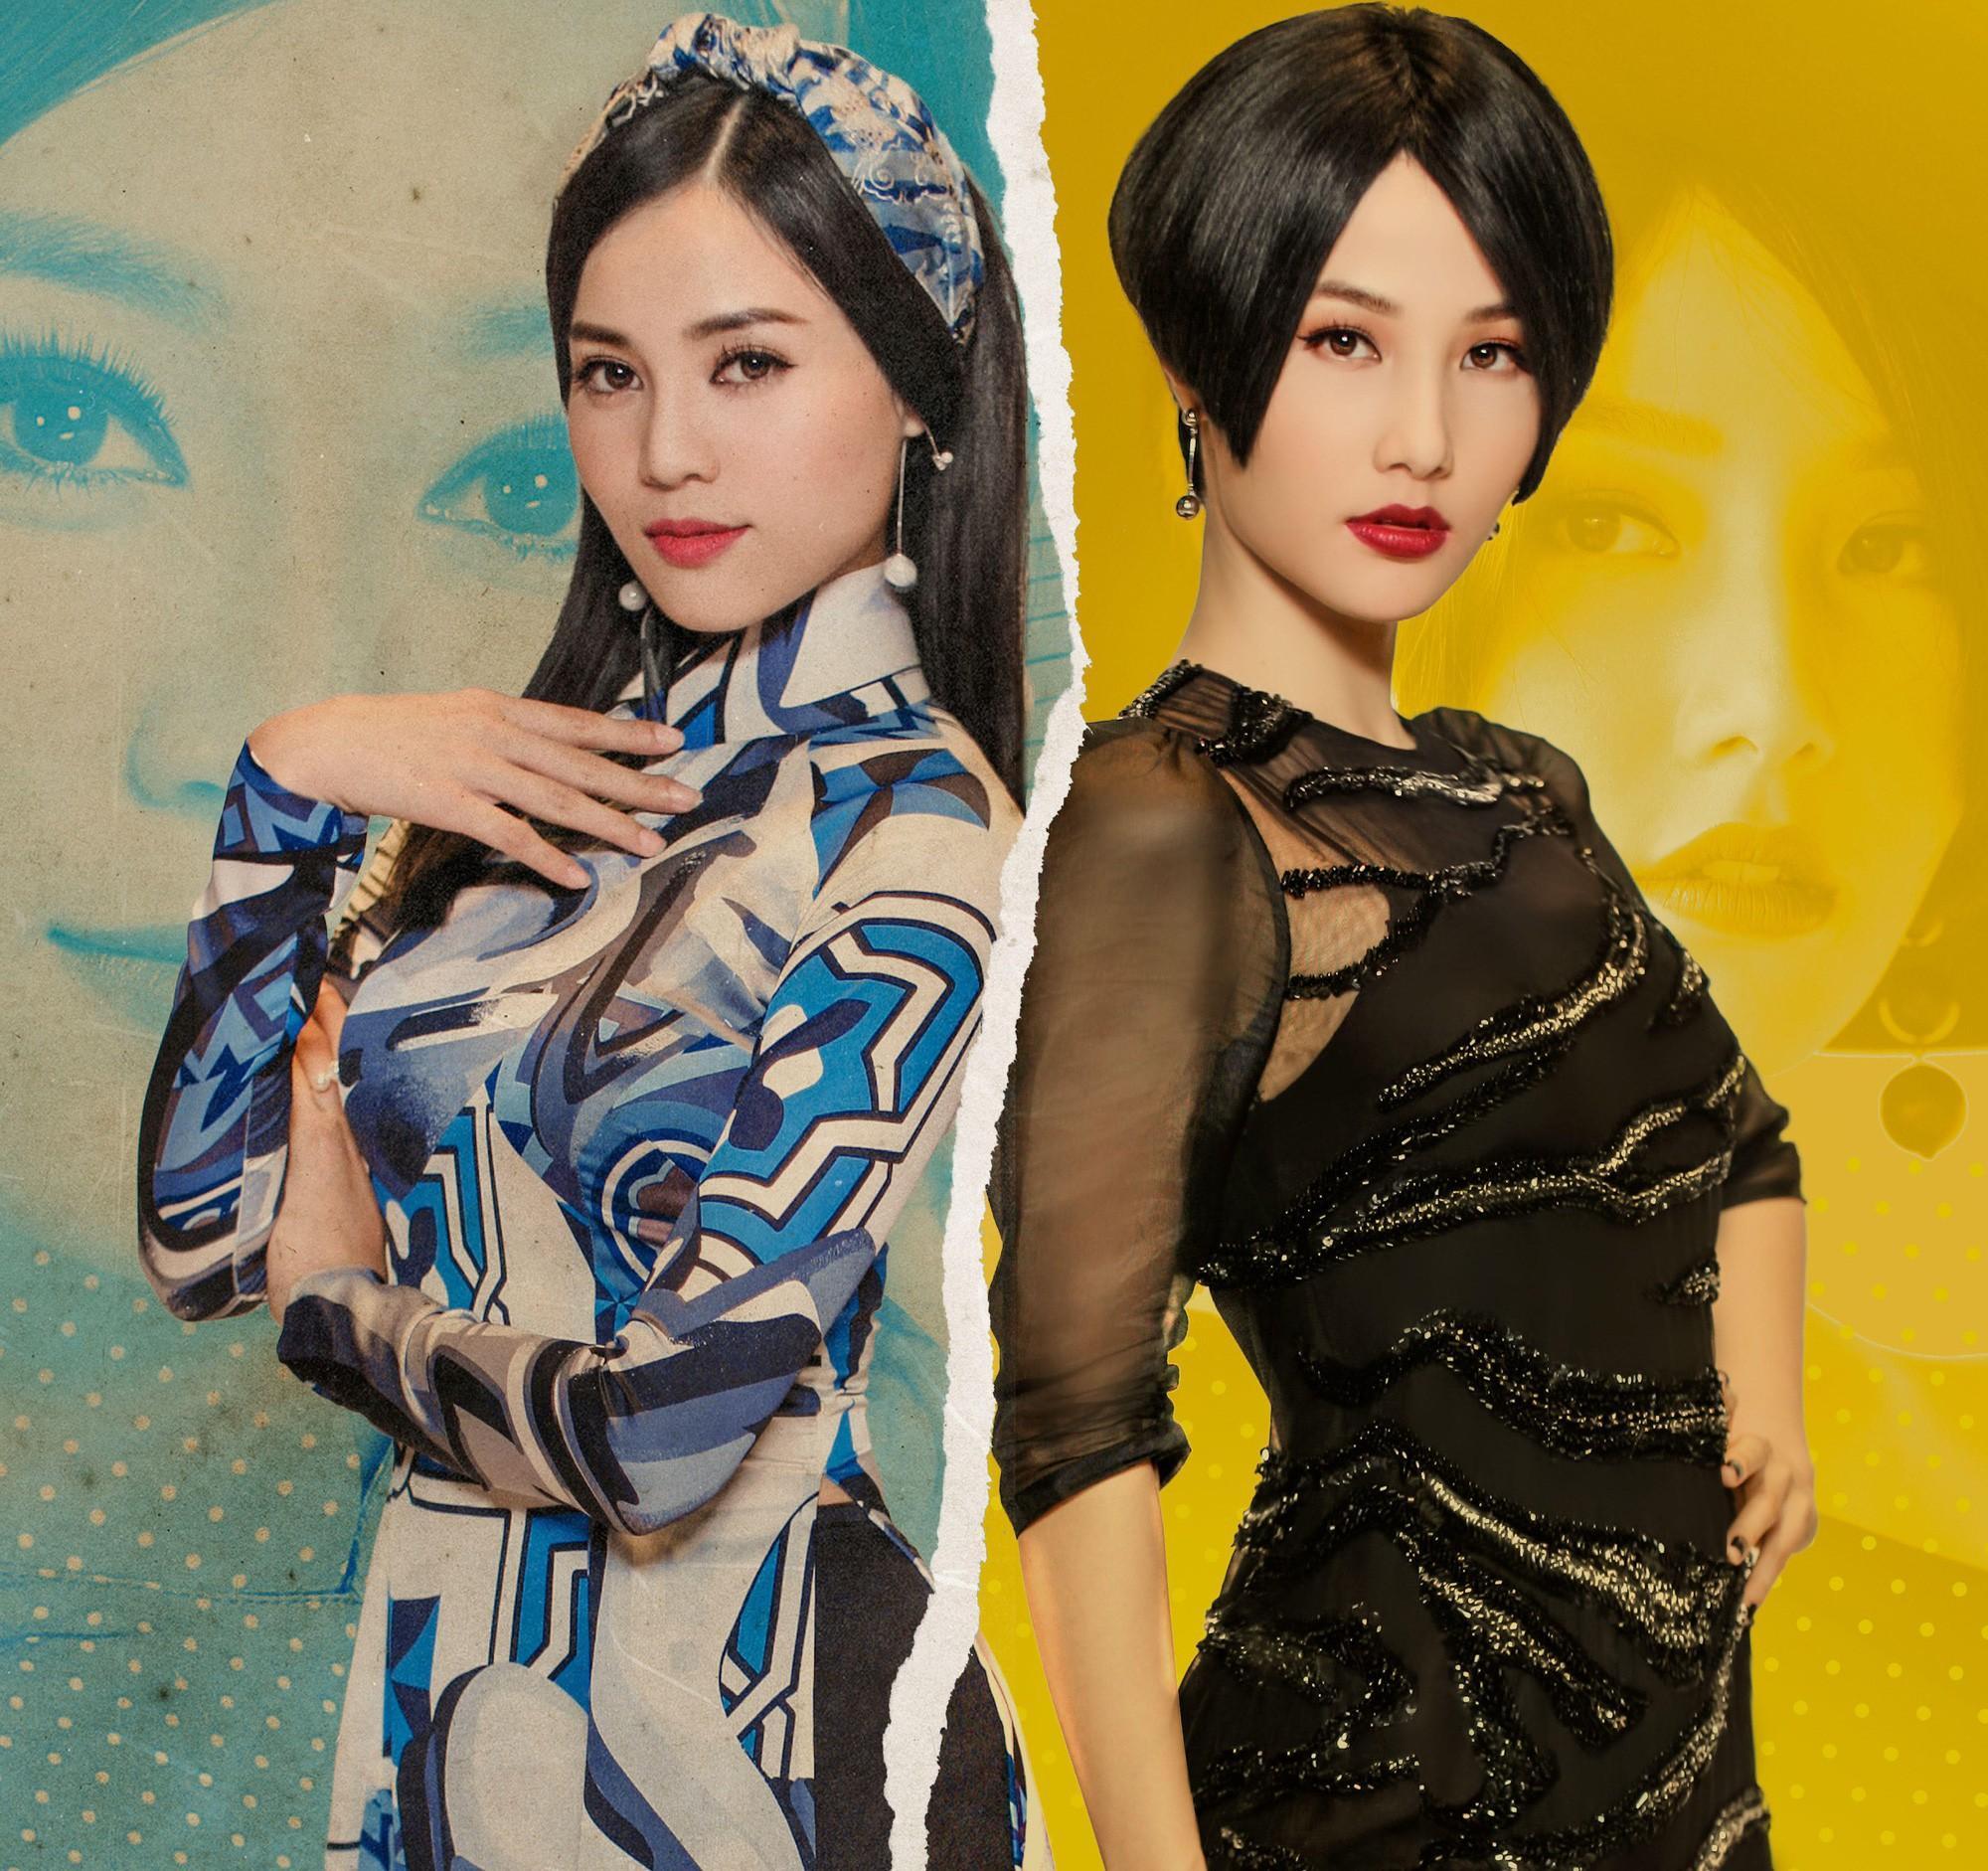 Cô Ba Sài Gòn và sự vay mượn ý tưởng từ tác phẩm đình đám Devil Wears Prada-1